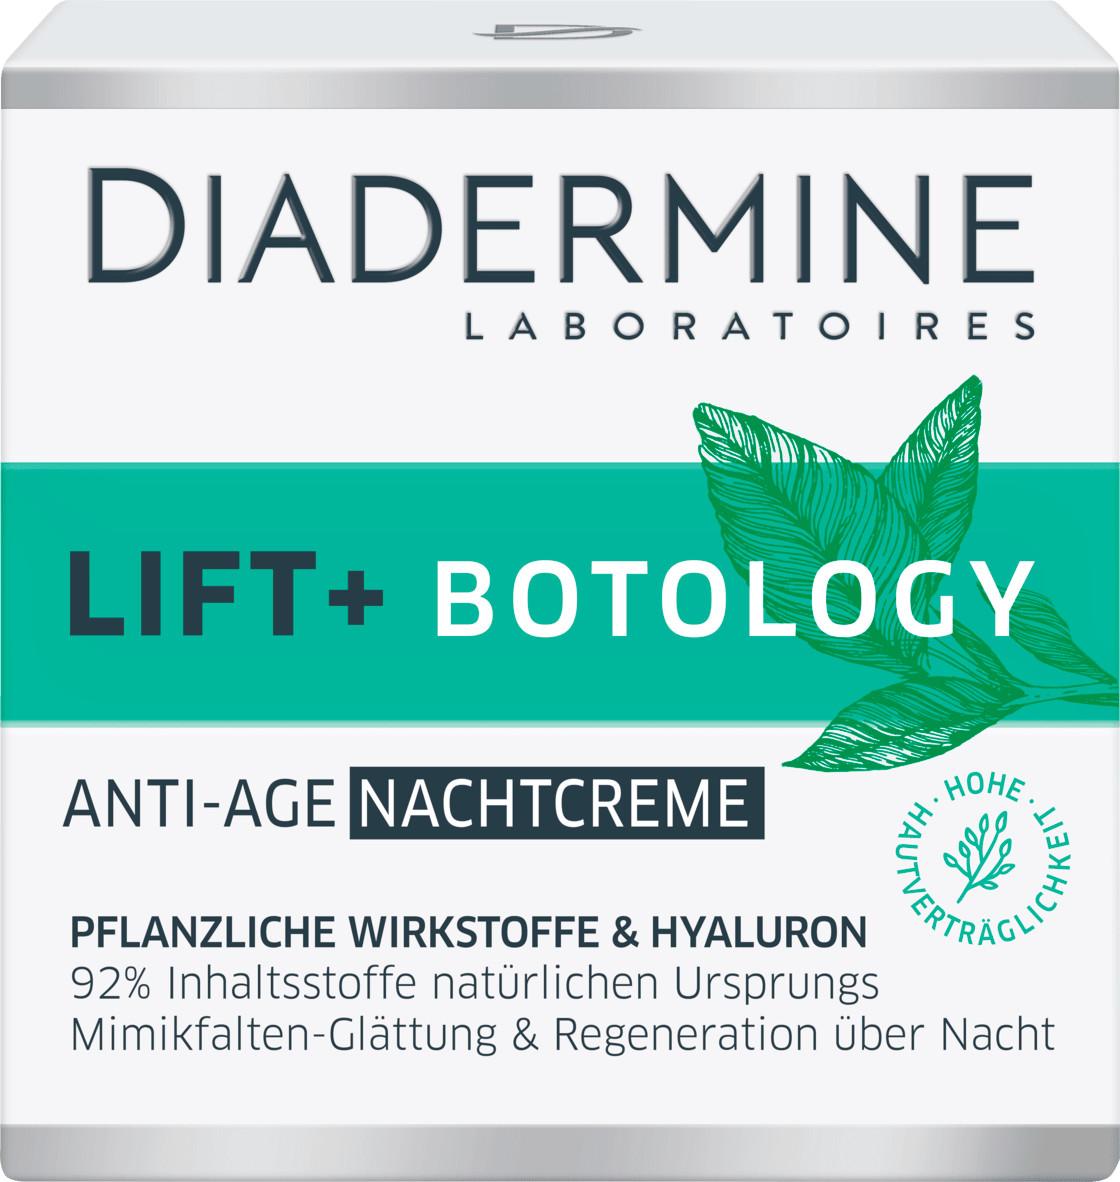 Diadermine Lift+ Botology Anti-Age Nachtcreme (50ml)